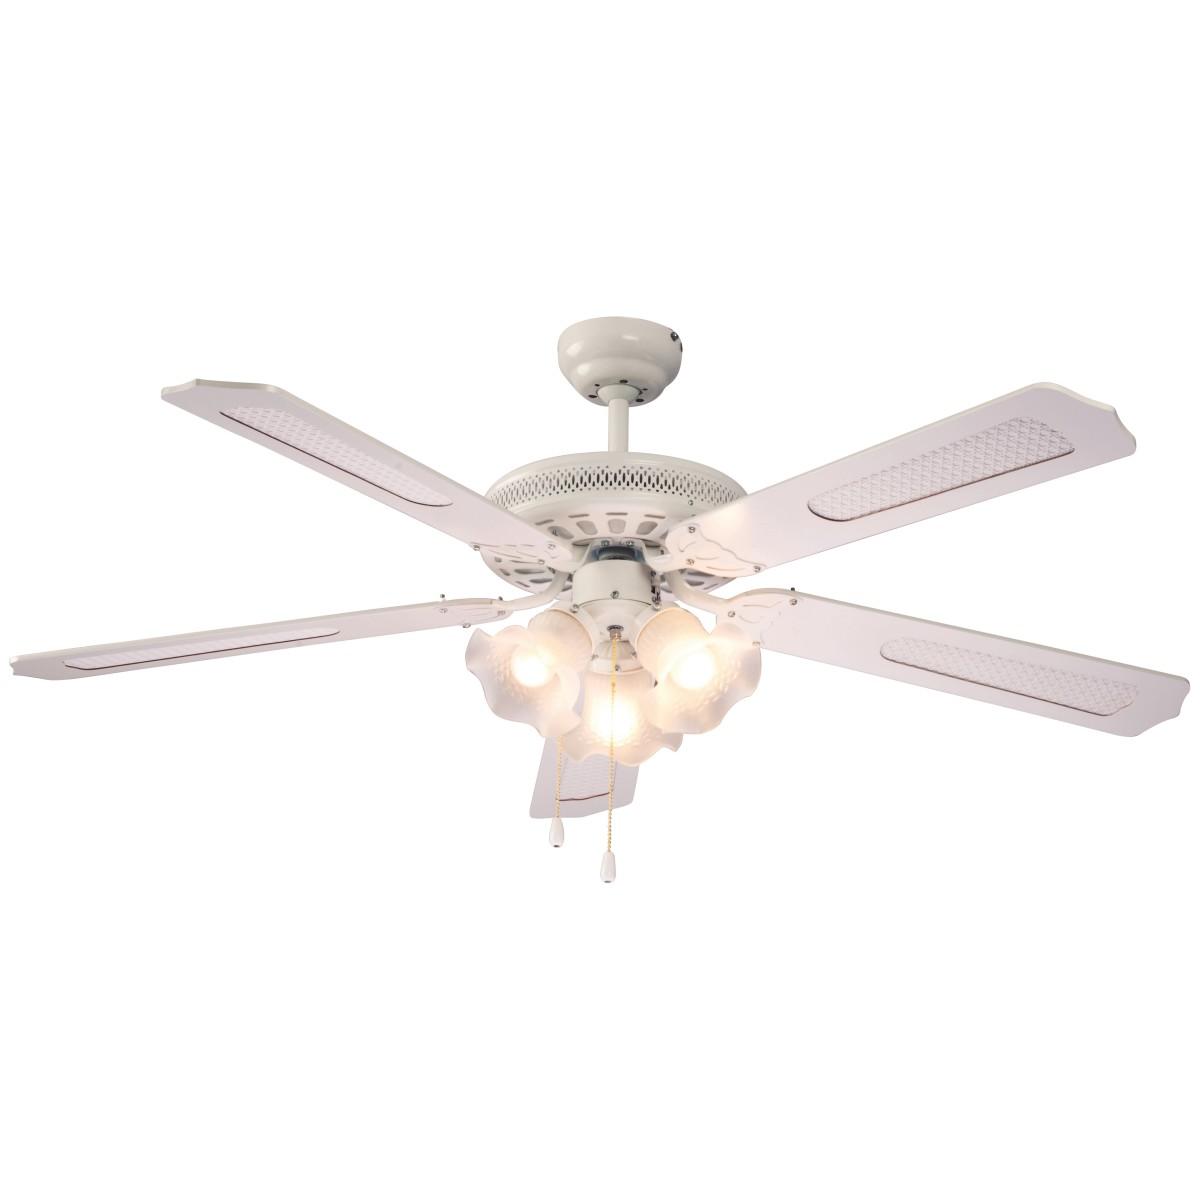 Leroy merlin ventilatori da soffitto con luce for Lampadario ventilatore leroy merlin